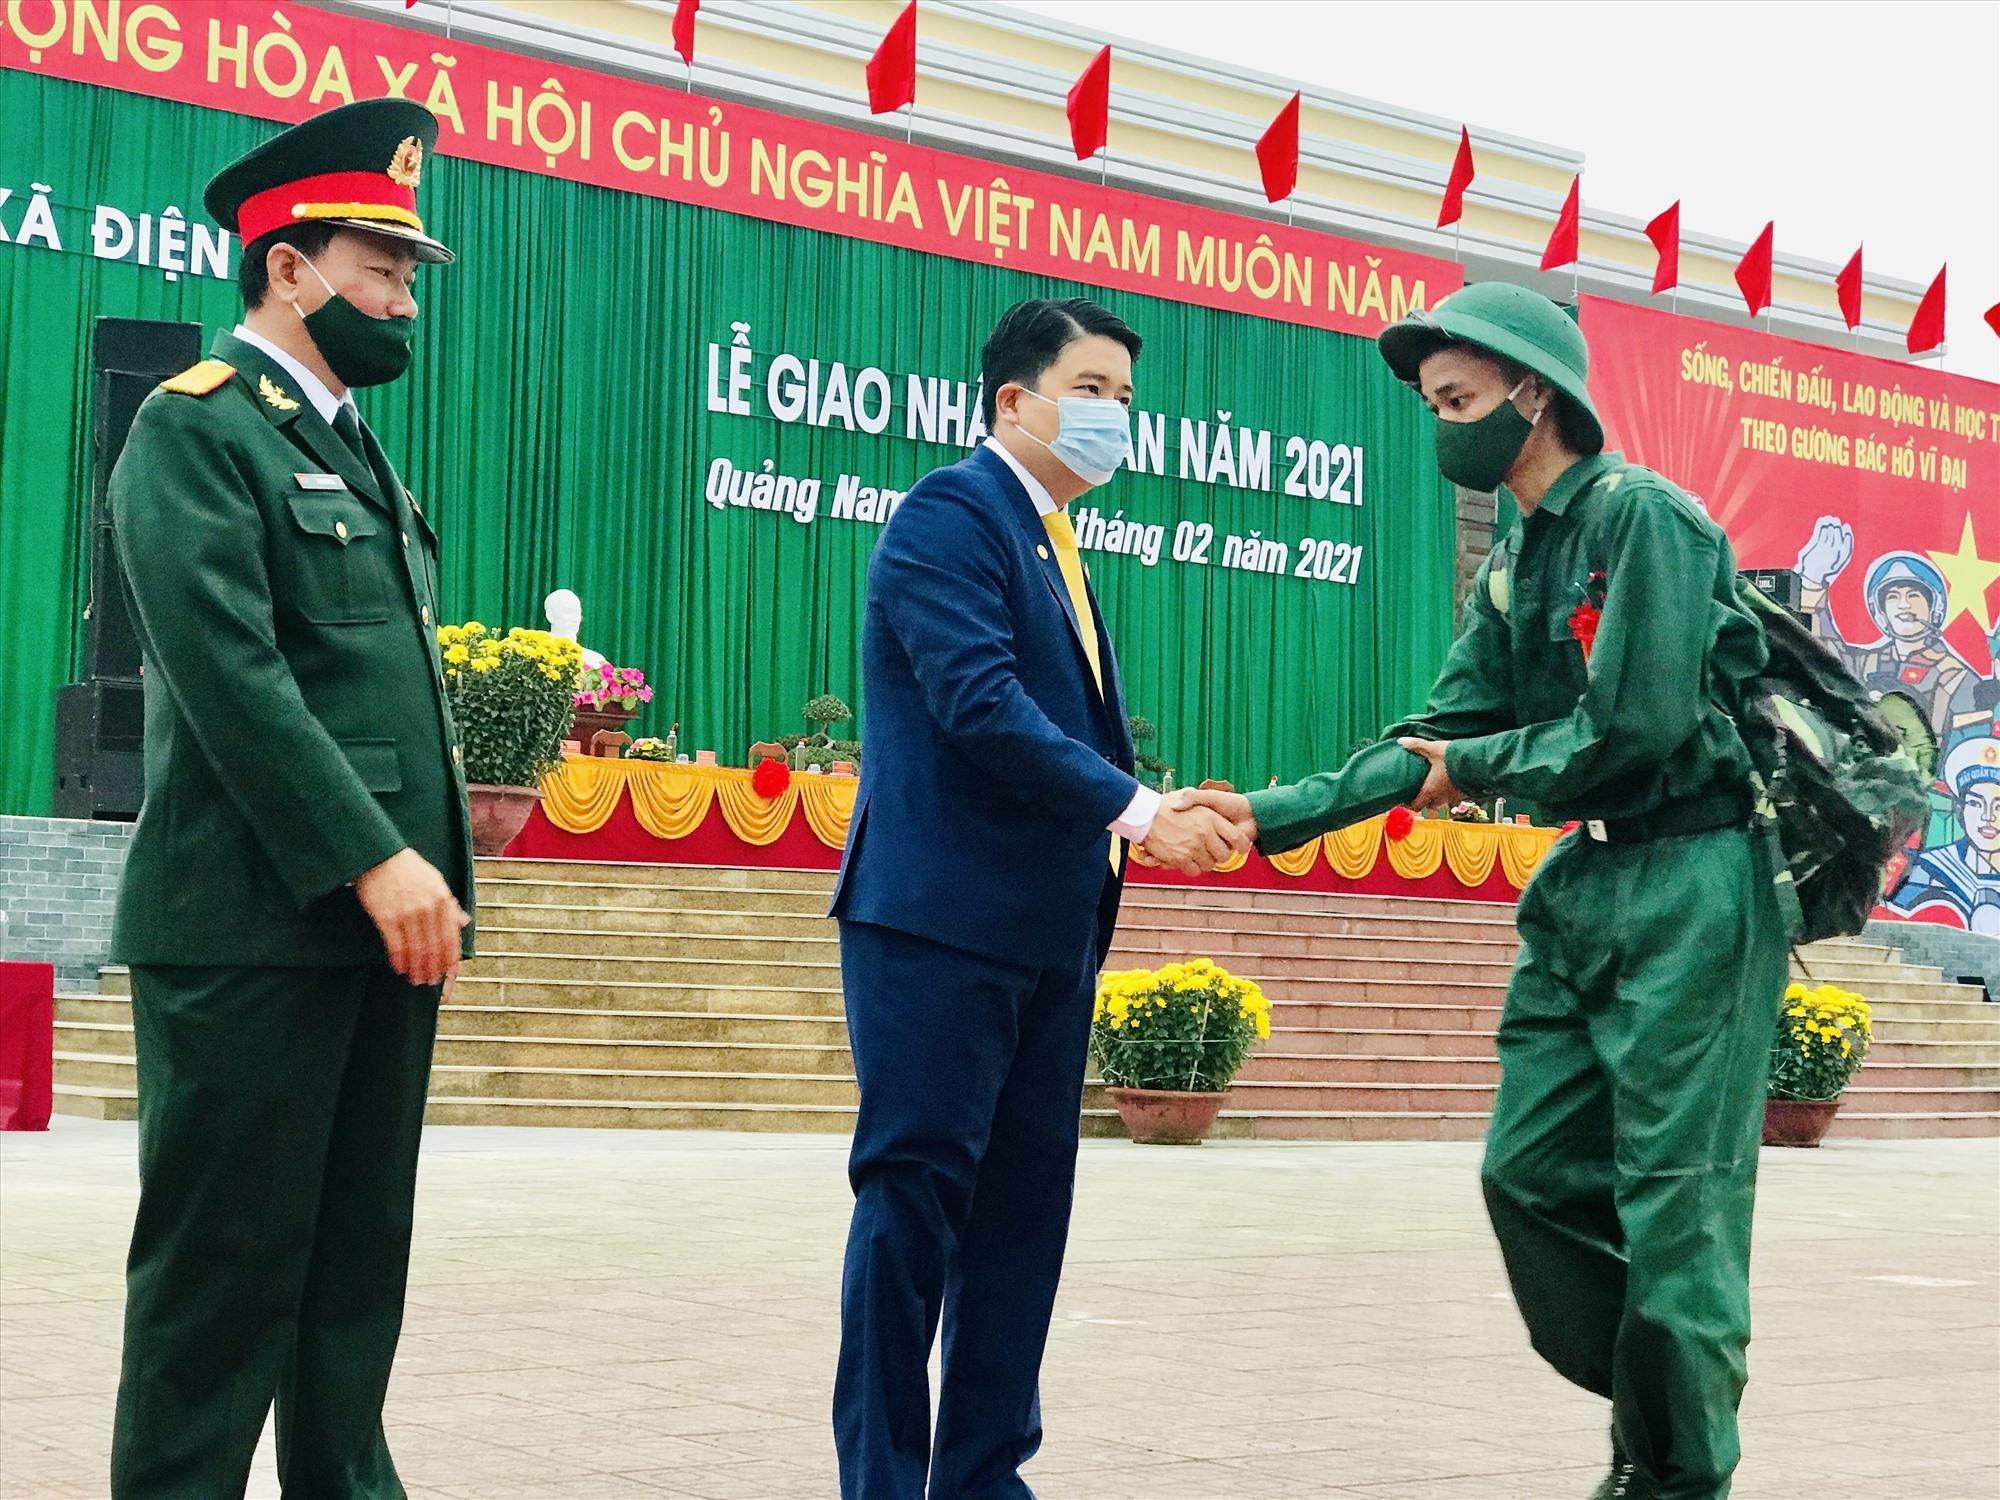 Phó Chủ tịch UBND tỉnh Trần Văn Tân bắt tay động viên tân binh lên đường nhập ngũ. Ảnh: Q.T